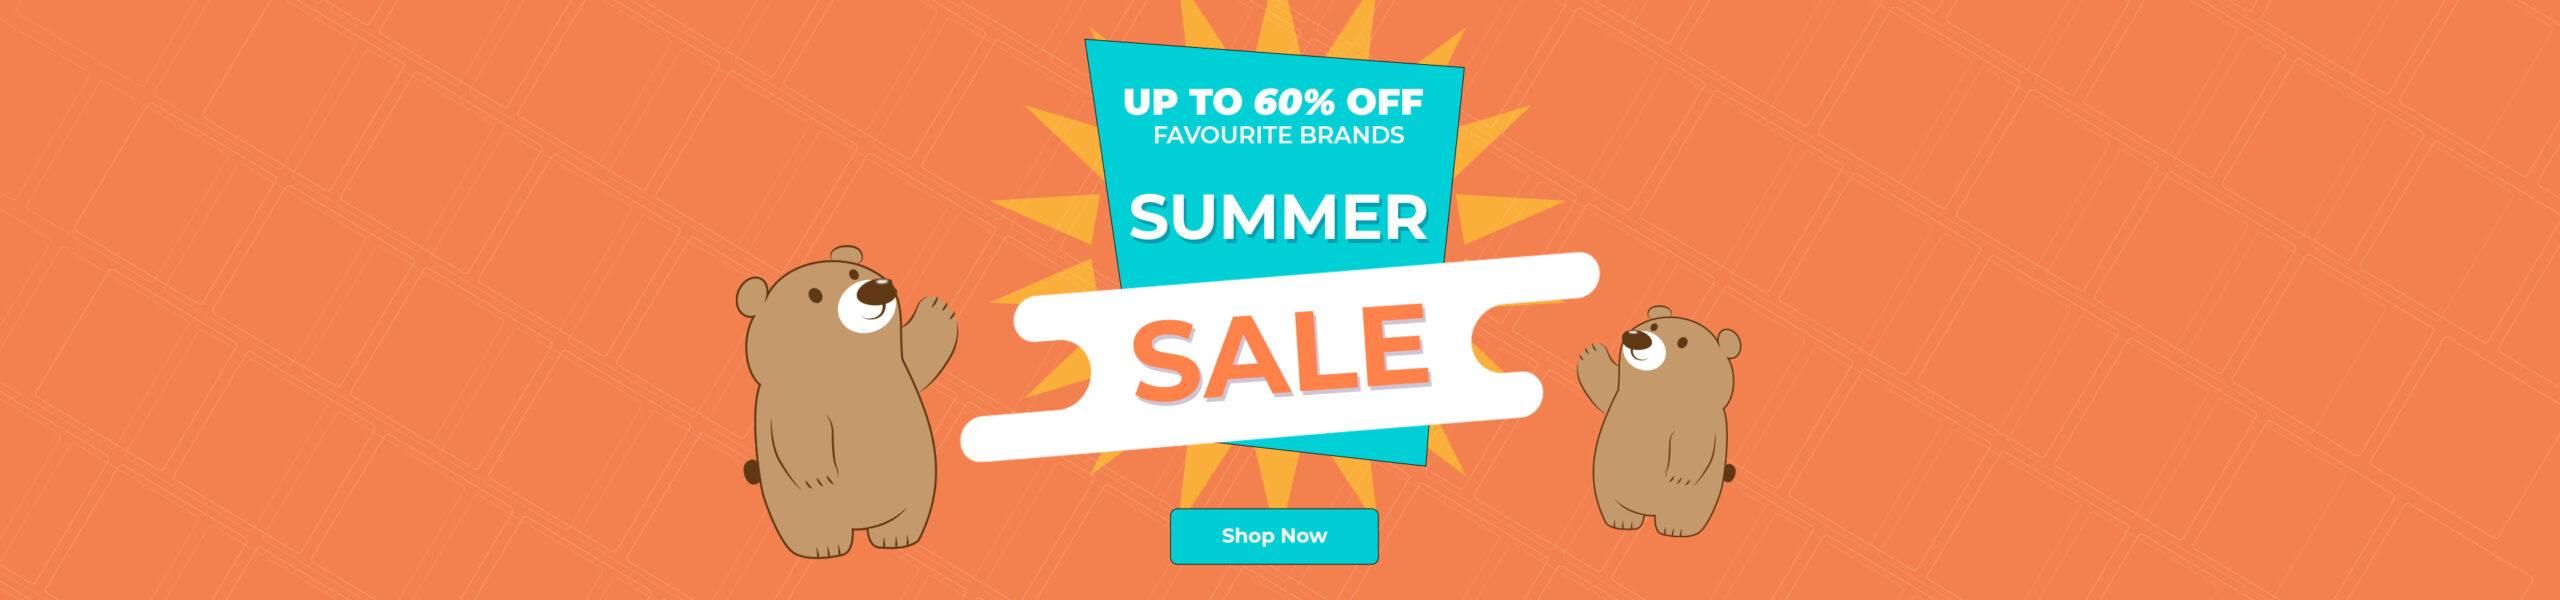 Oliversbabycare Summer Sale